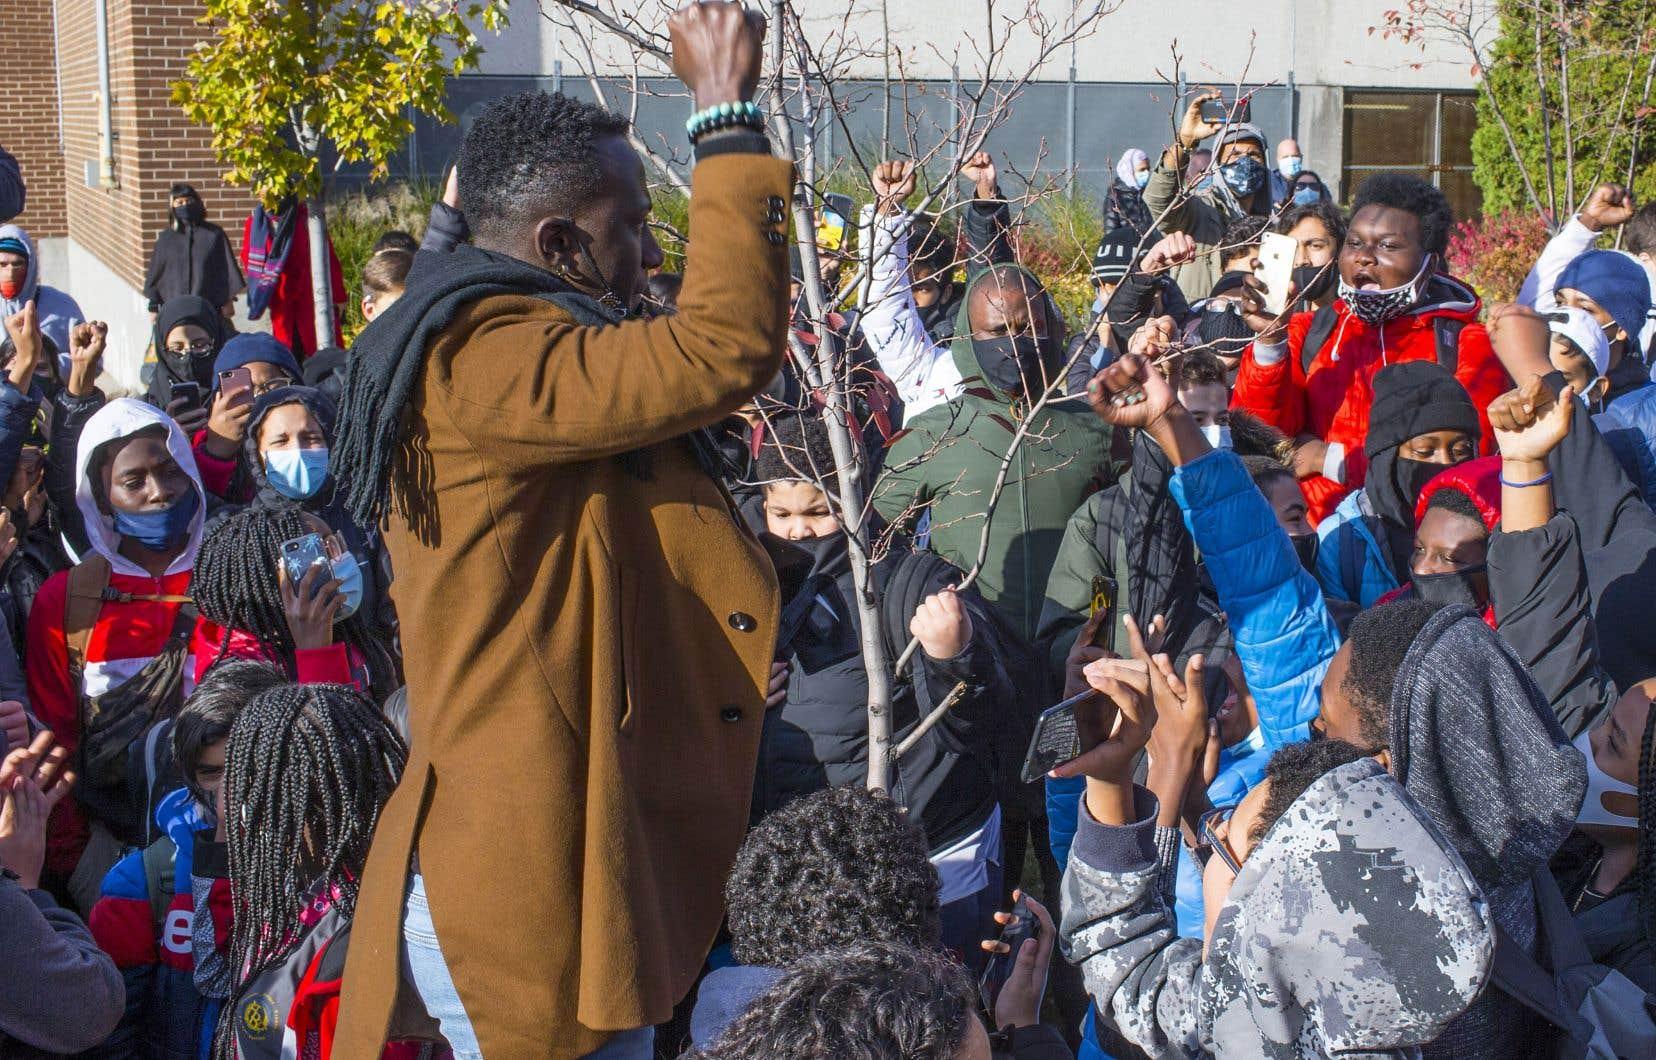 D'anciens étudiants et des membres de la communauté se sont rassemblés devant l'école Henri-Bourassa, la semaine dernière, afin de manifester leur solidarité avec les élèves qui ont dénoncé un enseignant accusé notamment de racisme.